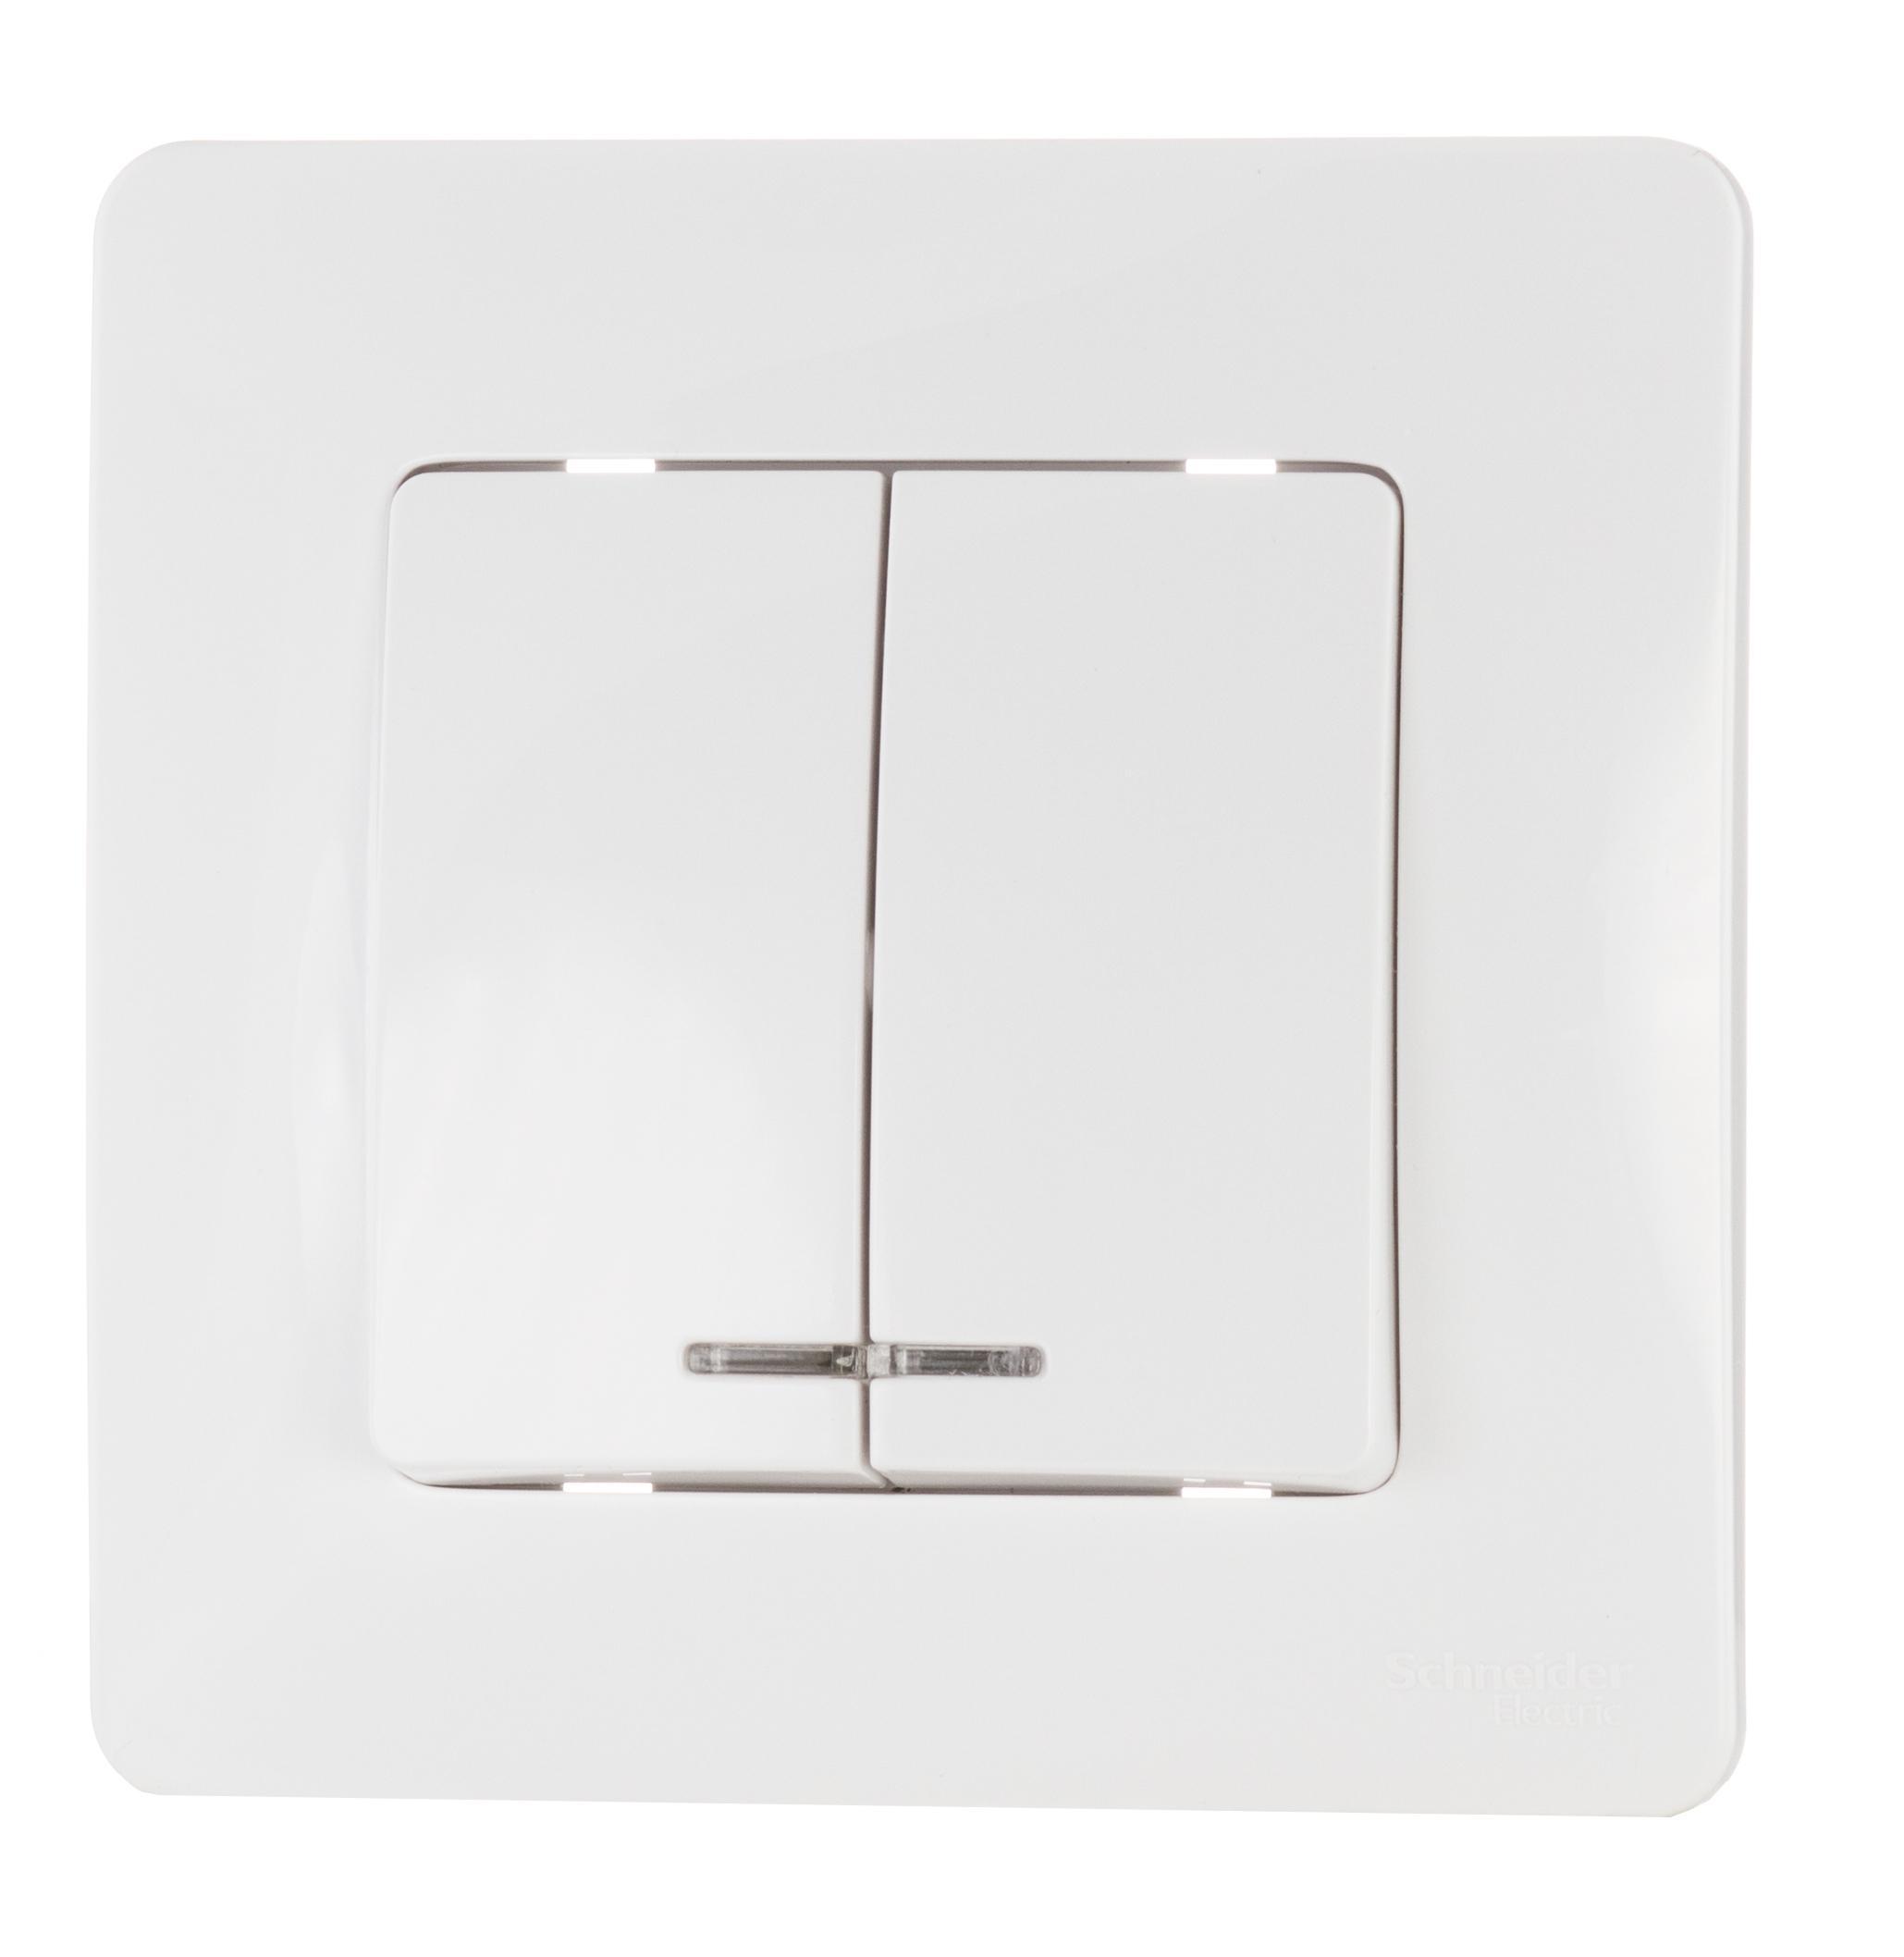 Выключатель Schneider electric Blnvs010511 blanca выключатель schneider electric blnva101013 blanca